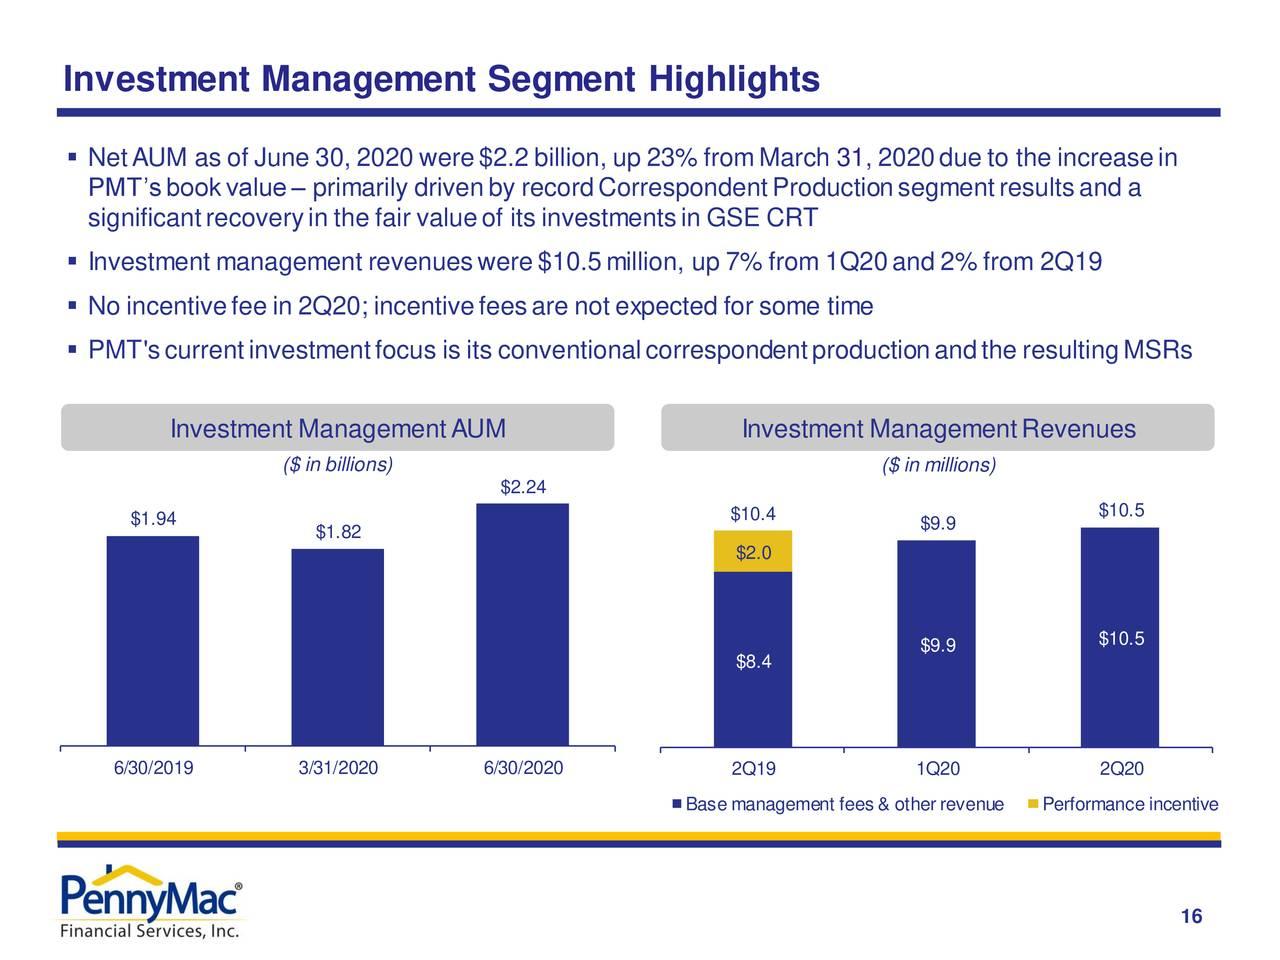 Aspectos destacados del segmento de gestión de inversiones